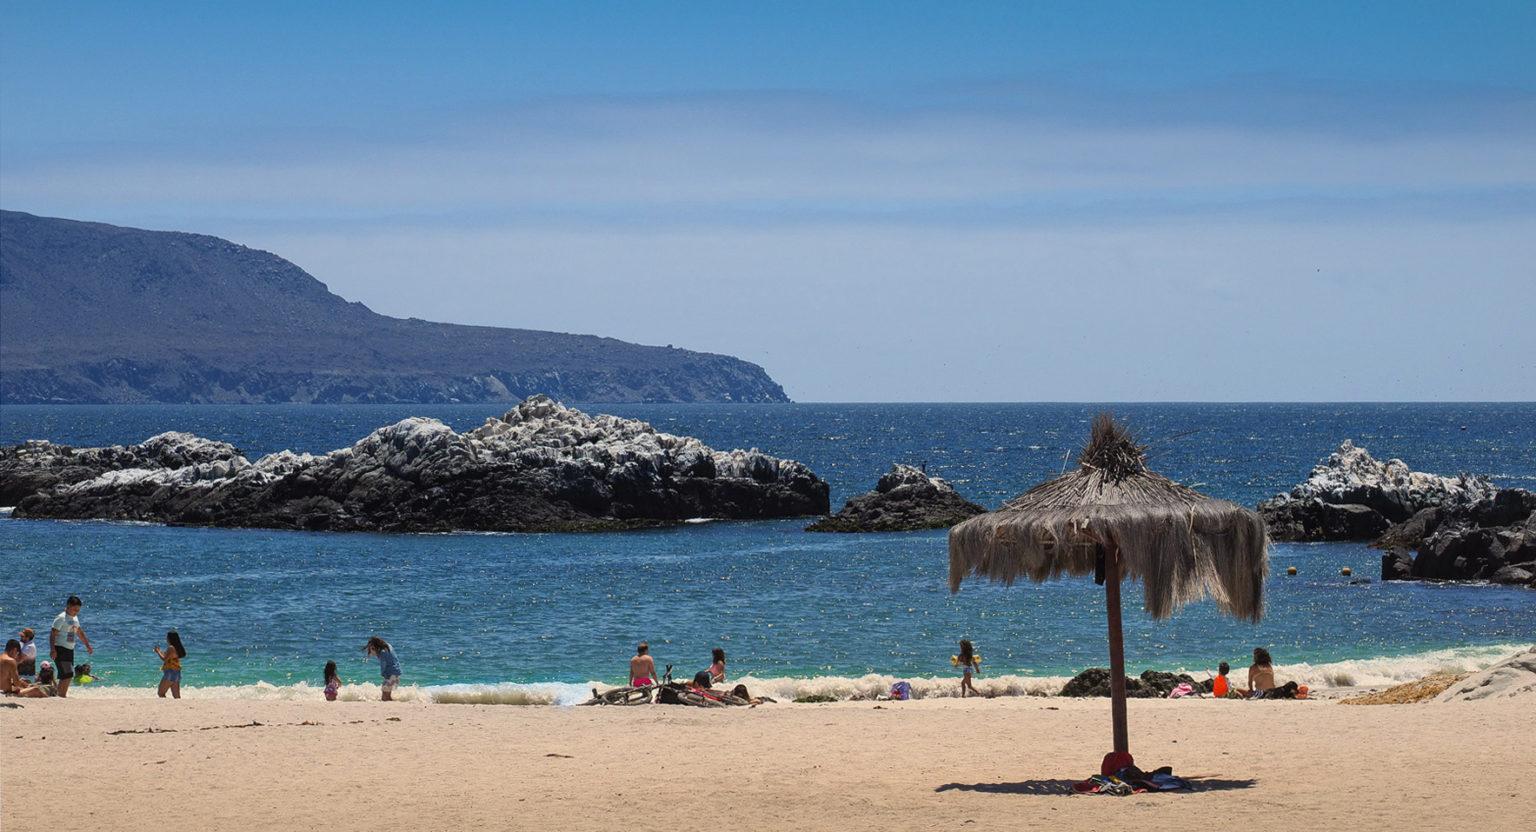 Sommer Badebetrieb am Meer bei La Serena